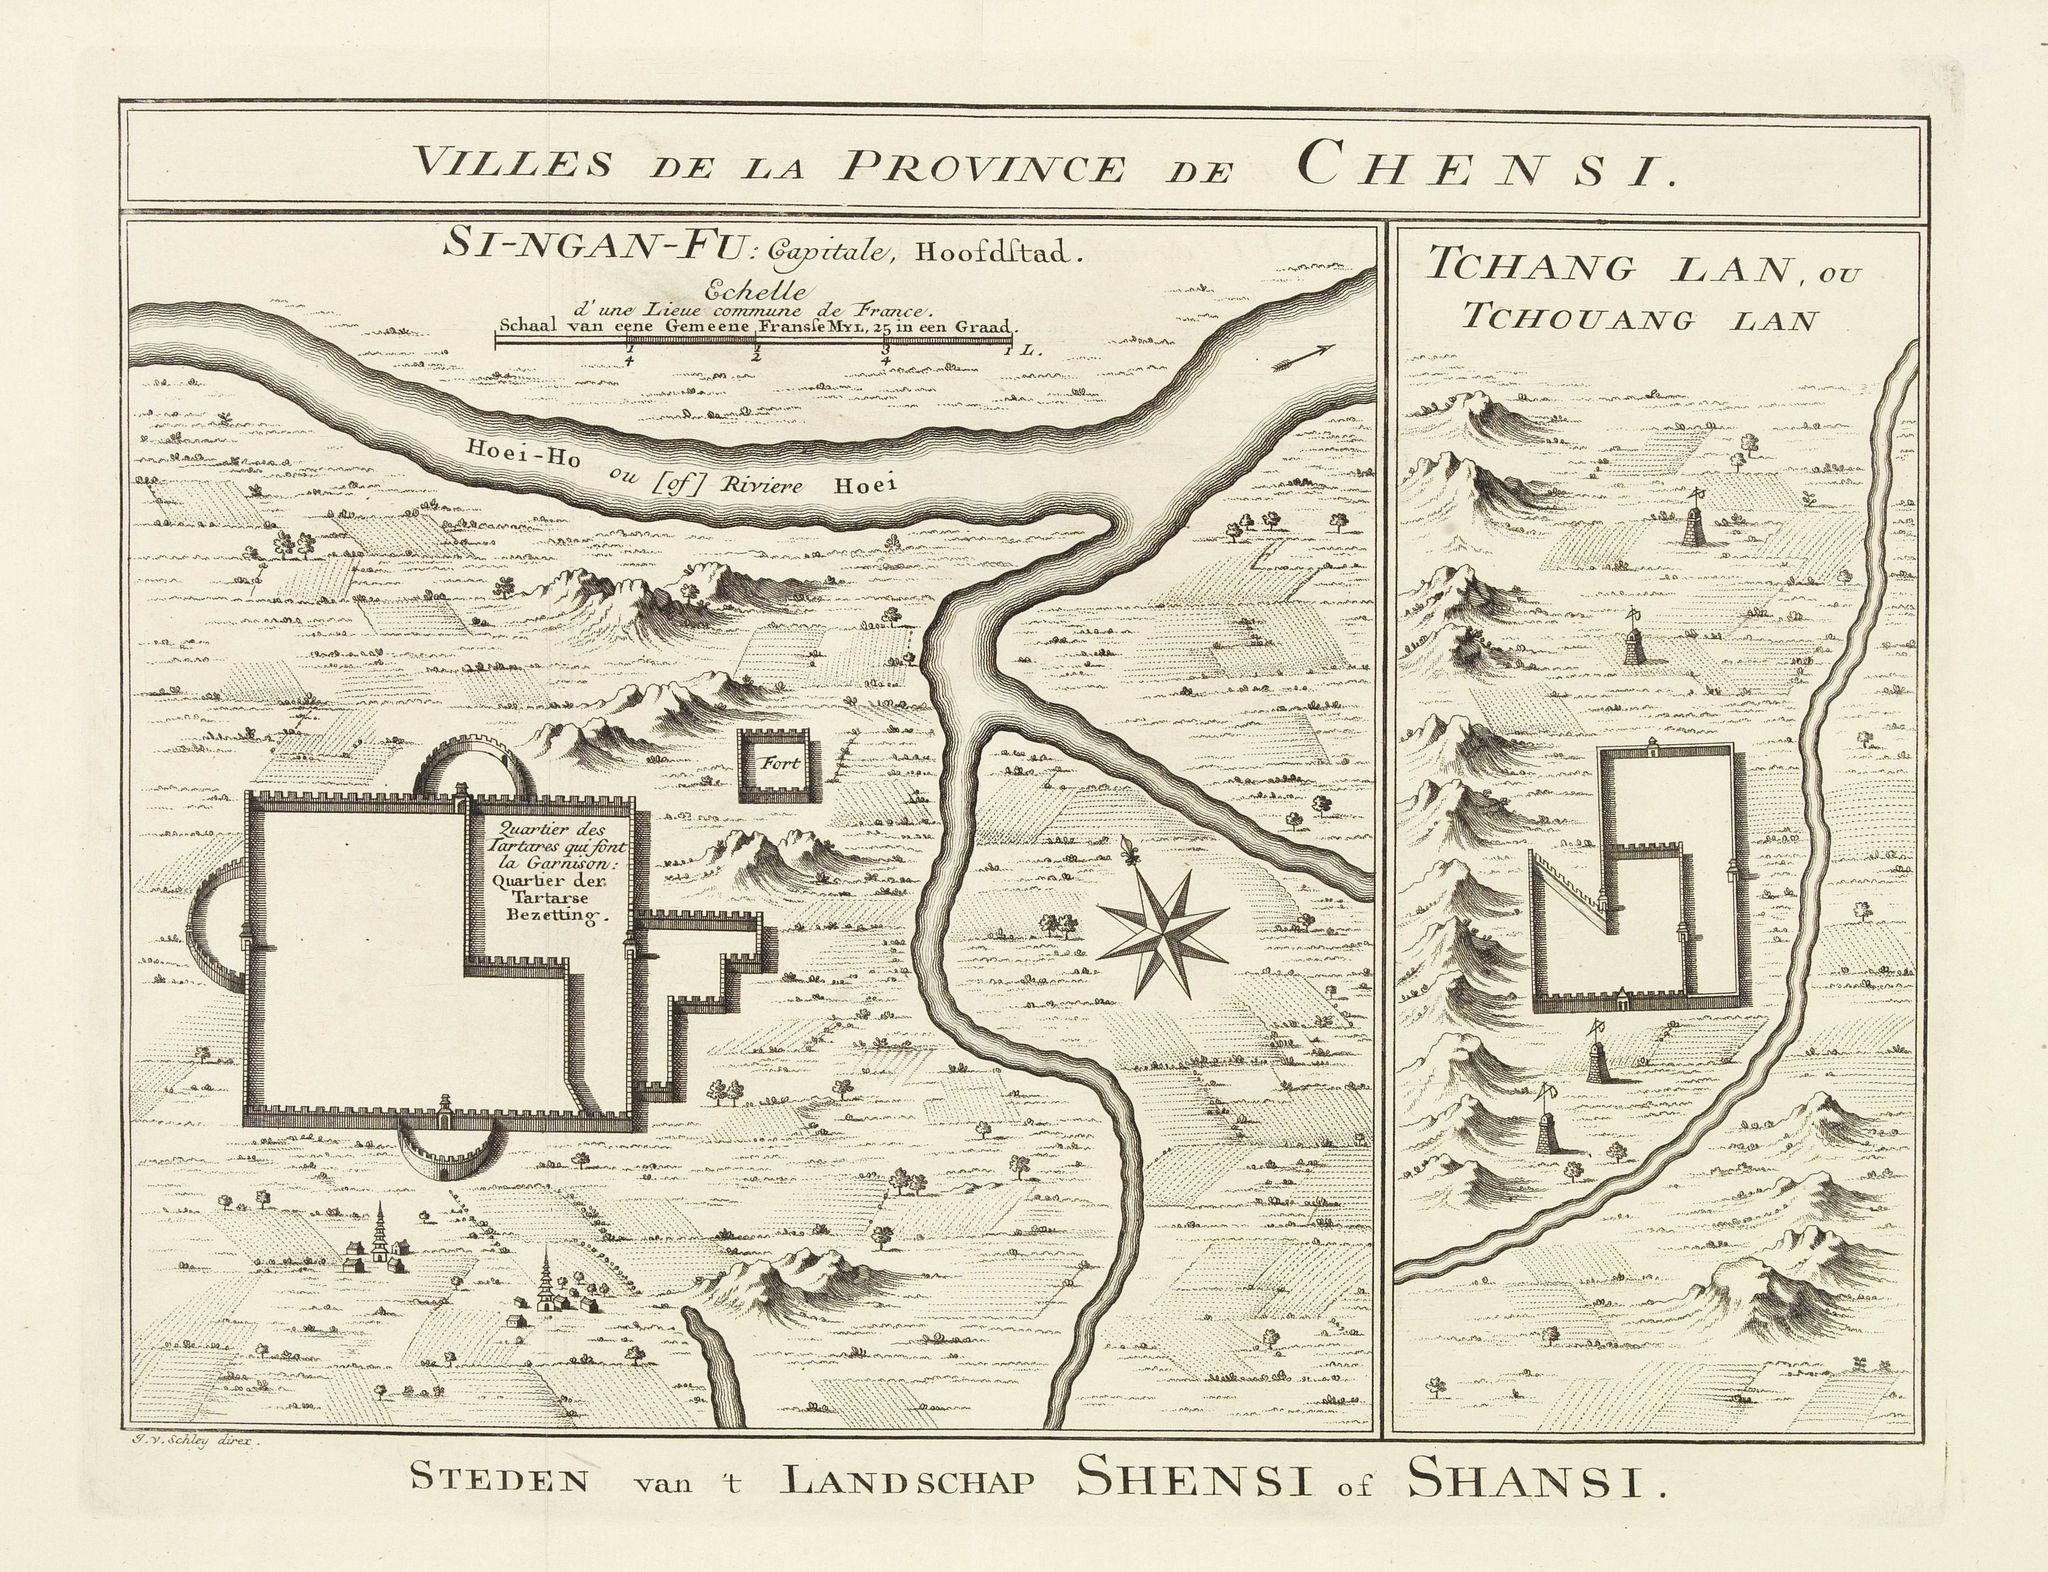 BELLIN, J.N. -  Villes de la Province de Chensi. Steden van't Landschap Shensi of Shansi.